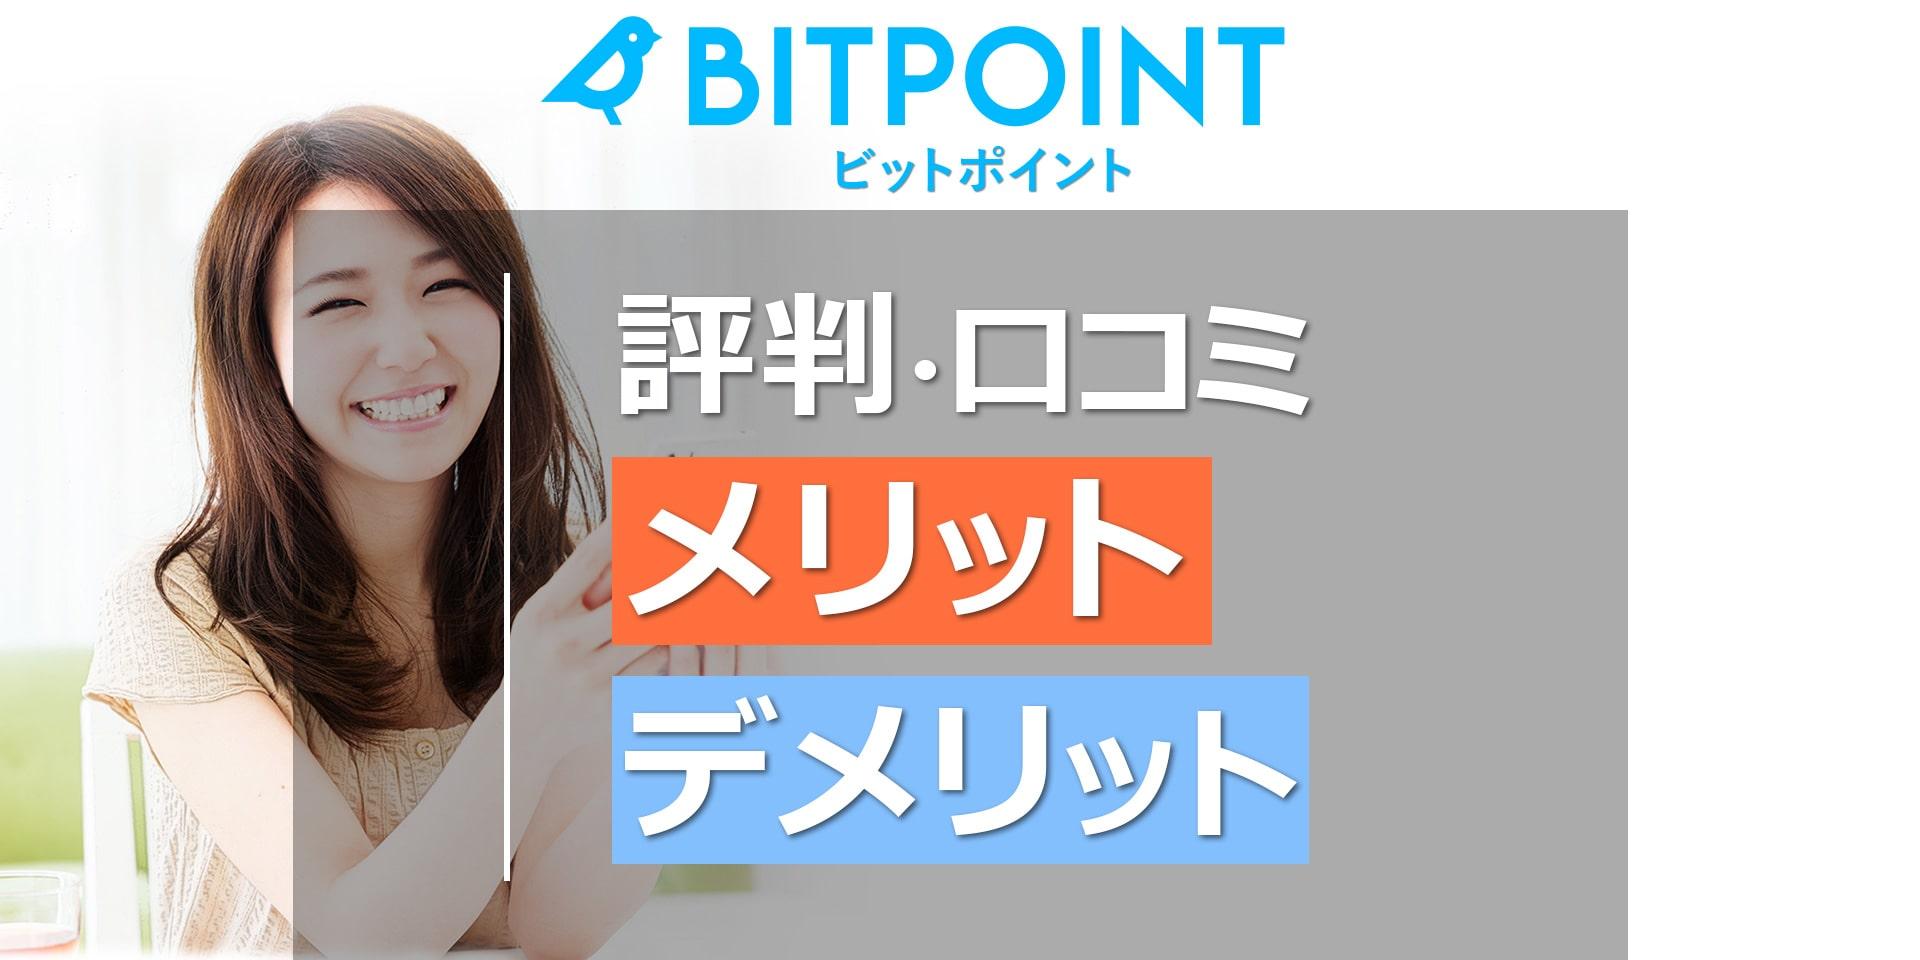 BITPoint(ビットポイント)の評判、口コミ、メリット、デメリットを解説!